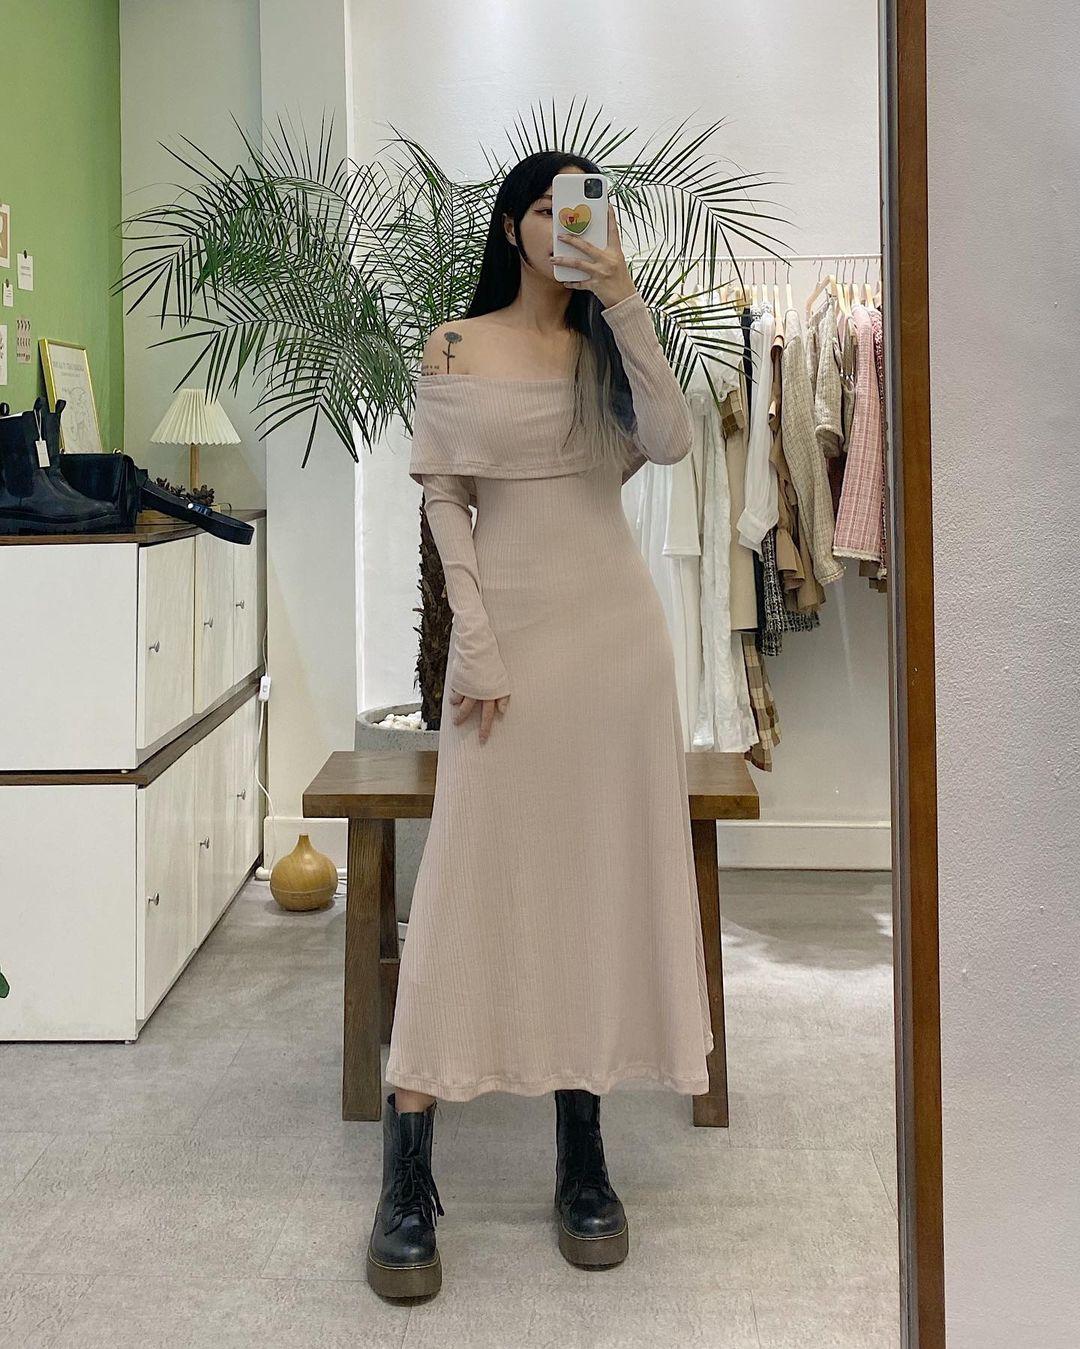 10 mẫu váy vừa điệu vừa sang cho nàng công sở, diện mùa lễ hội cuối năm là chiếm trọn spotlight - Ảnh 3.